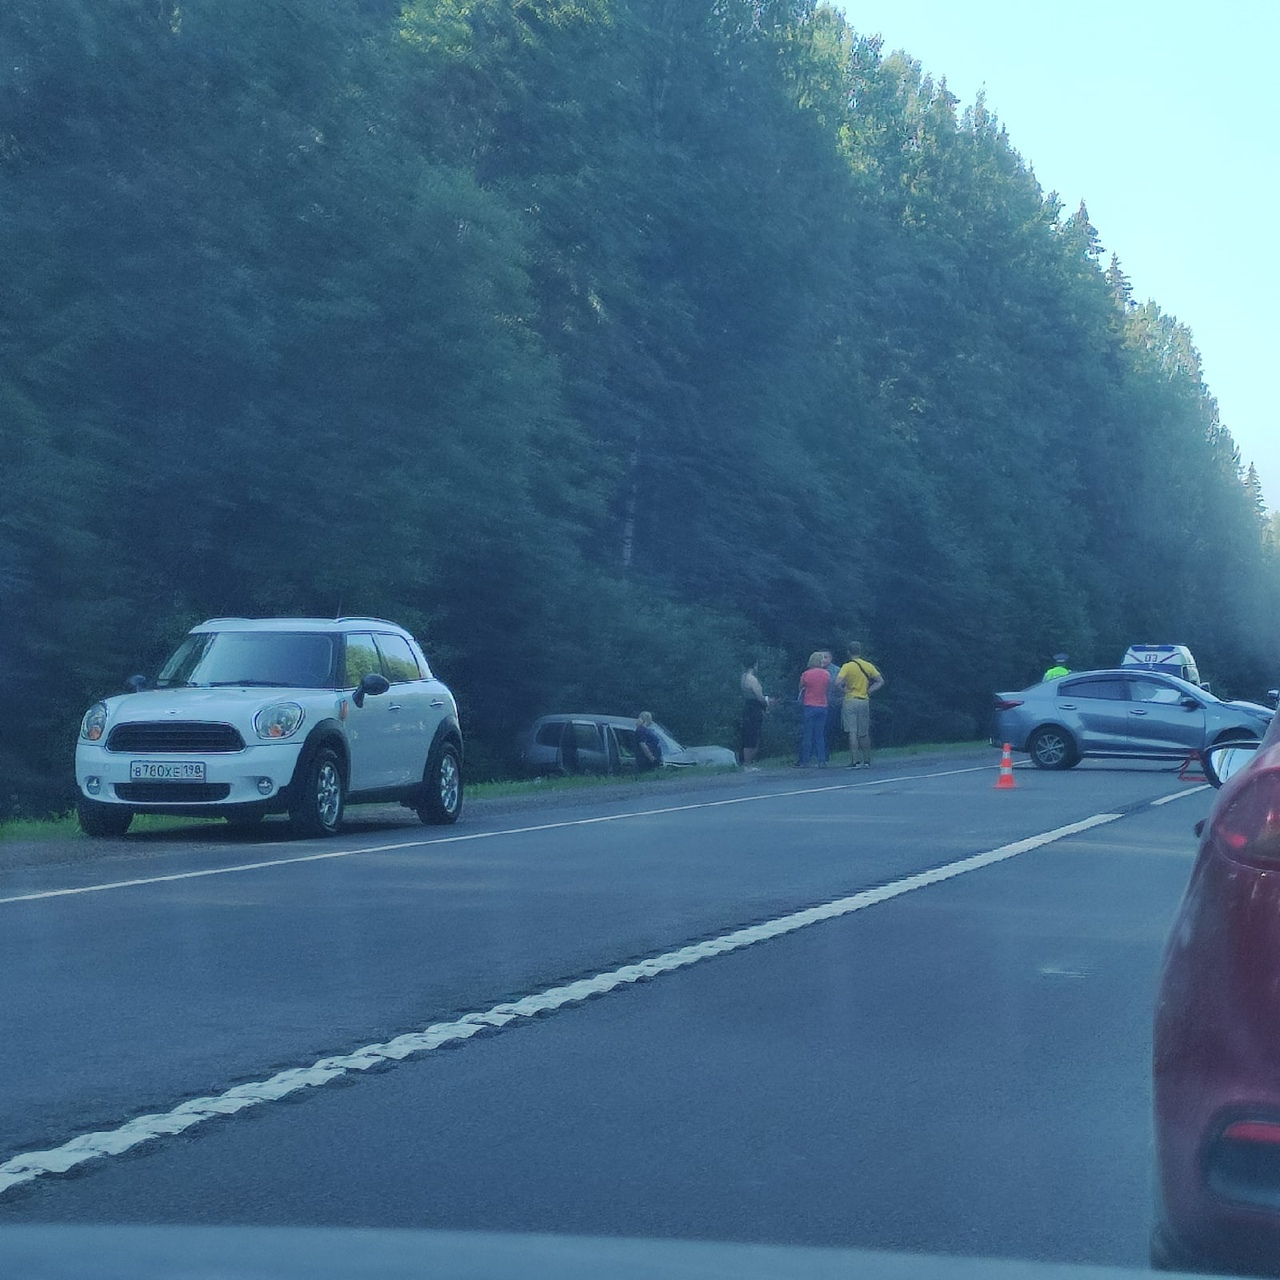 На Киевском шоссе, после Сорочкино, Лужского района столкнулись Рио и Шнива, та, что в кювете